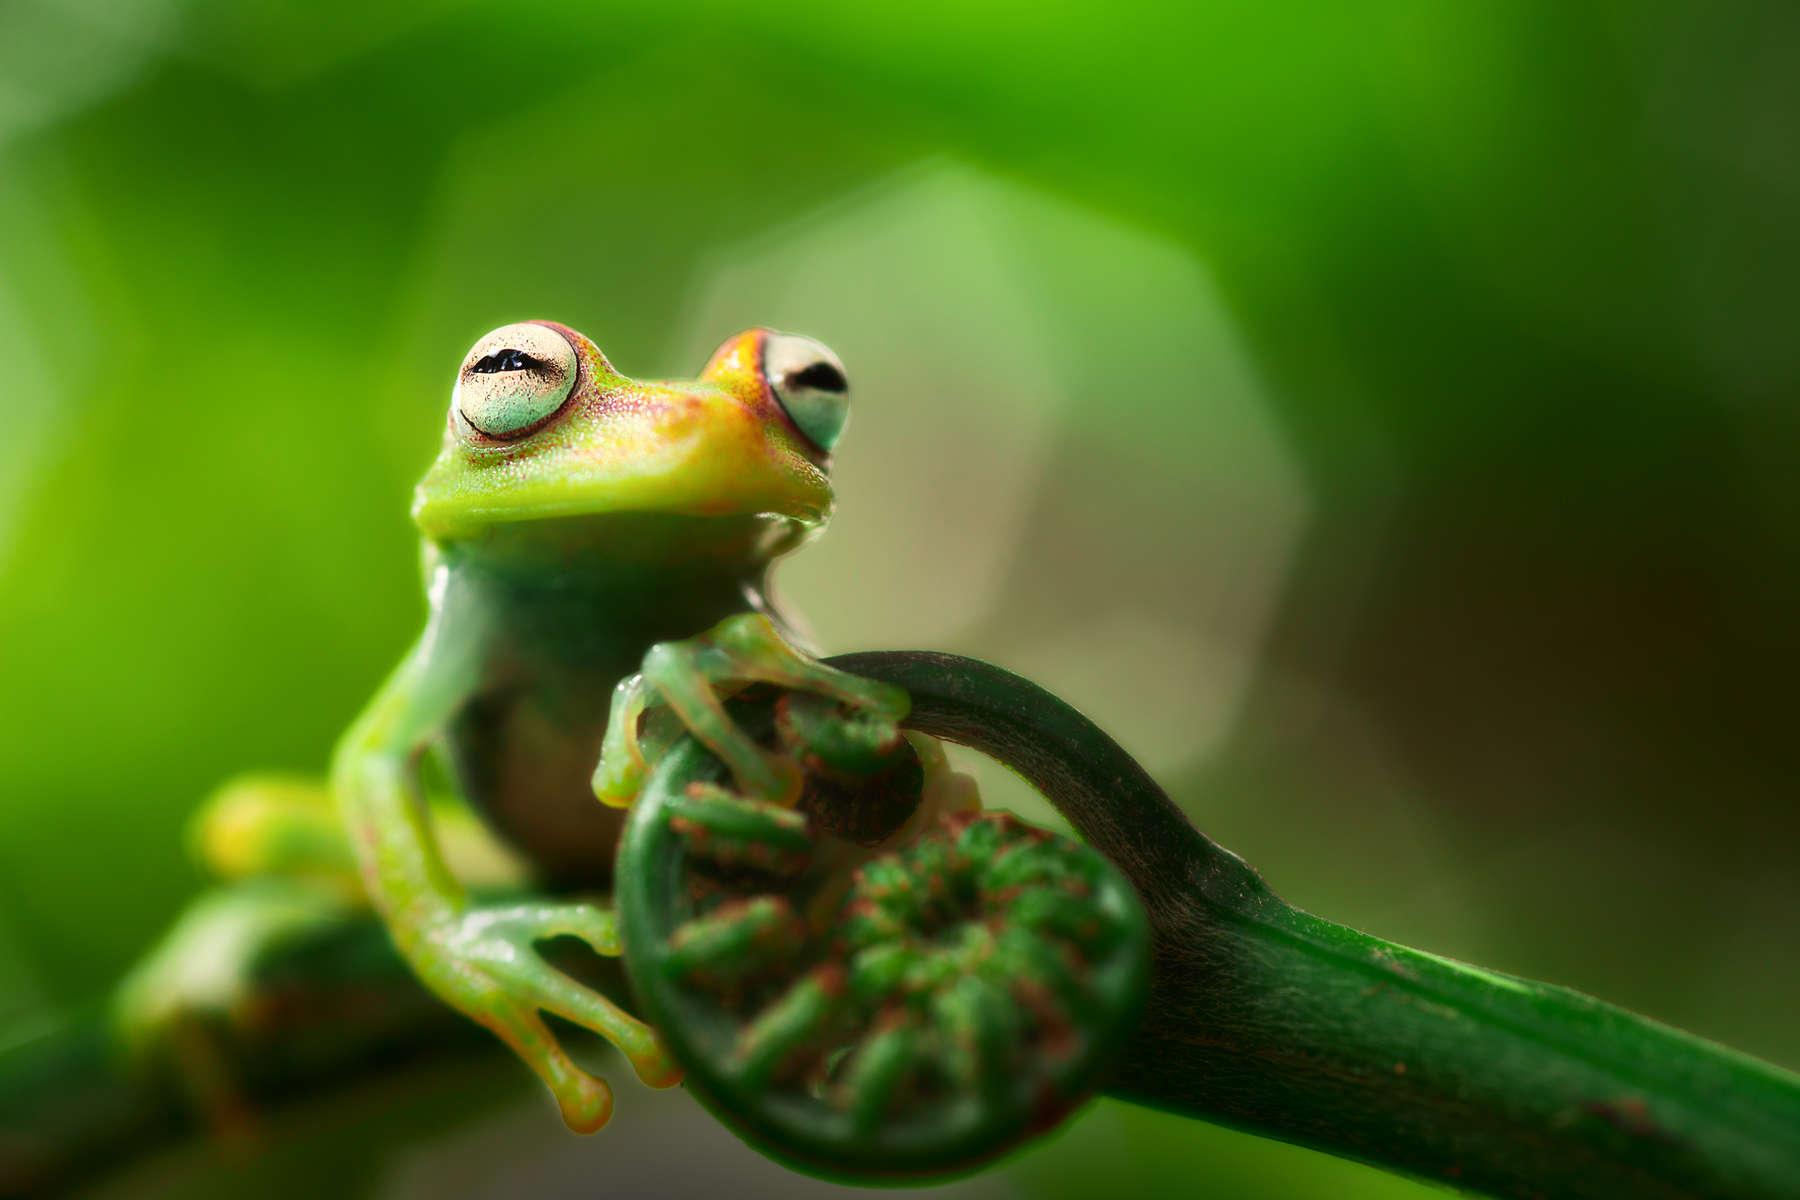 Teee frog Hypsiboas punctatus